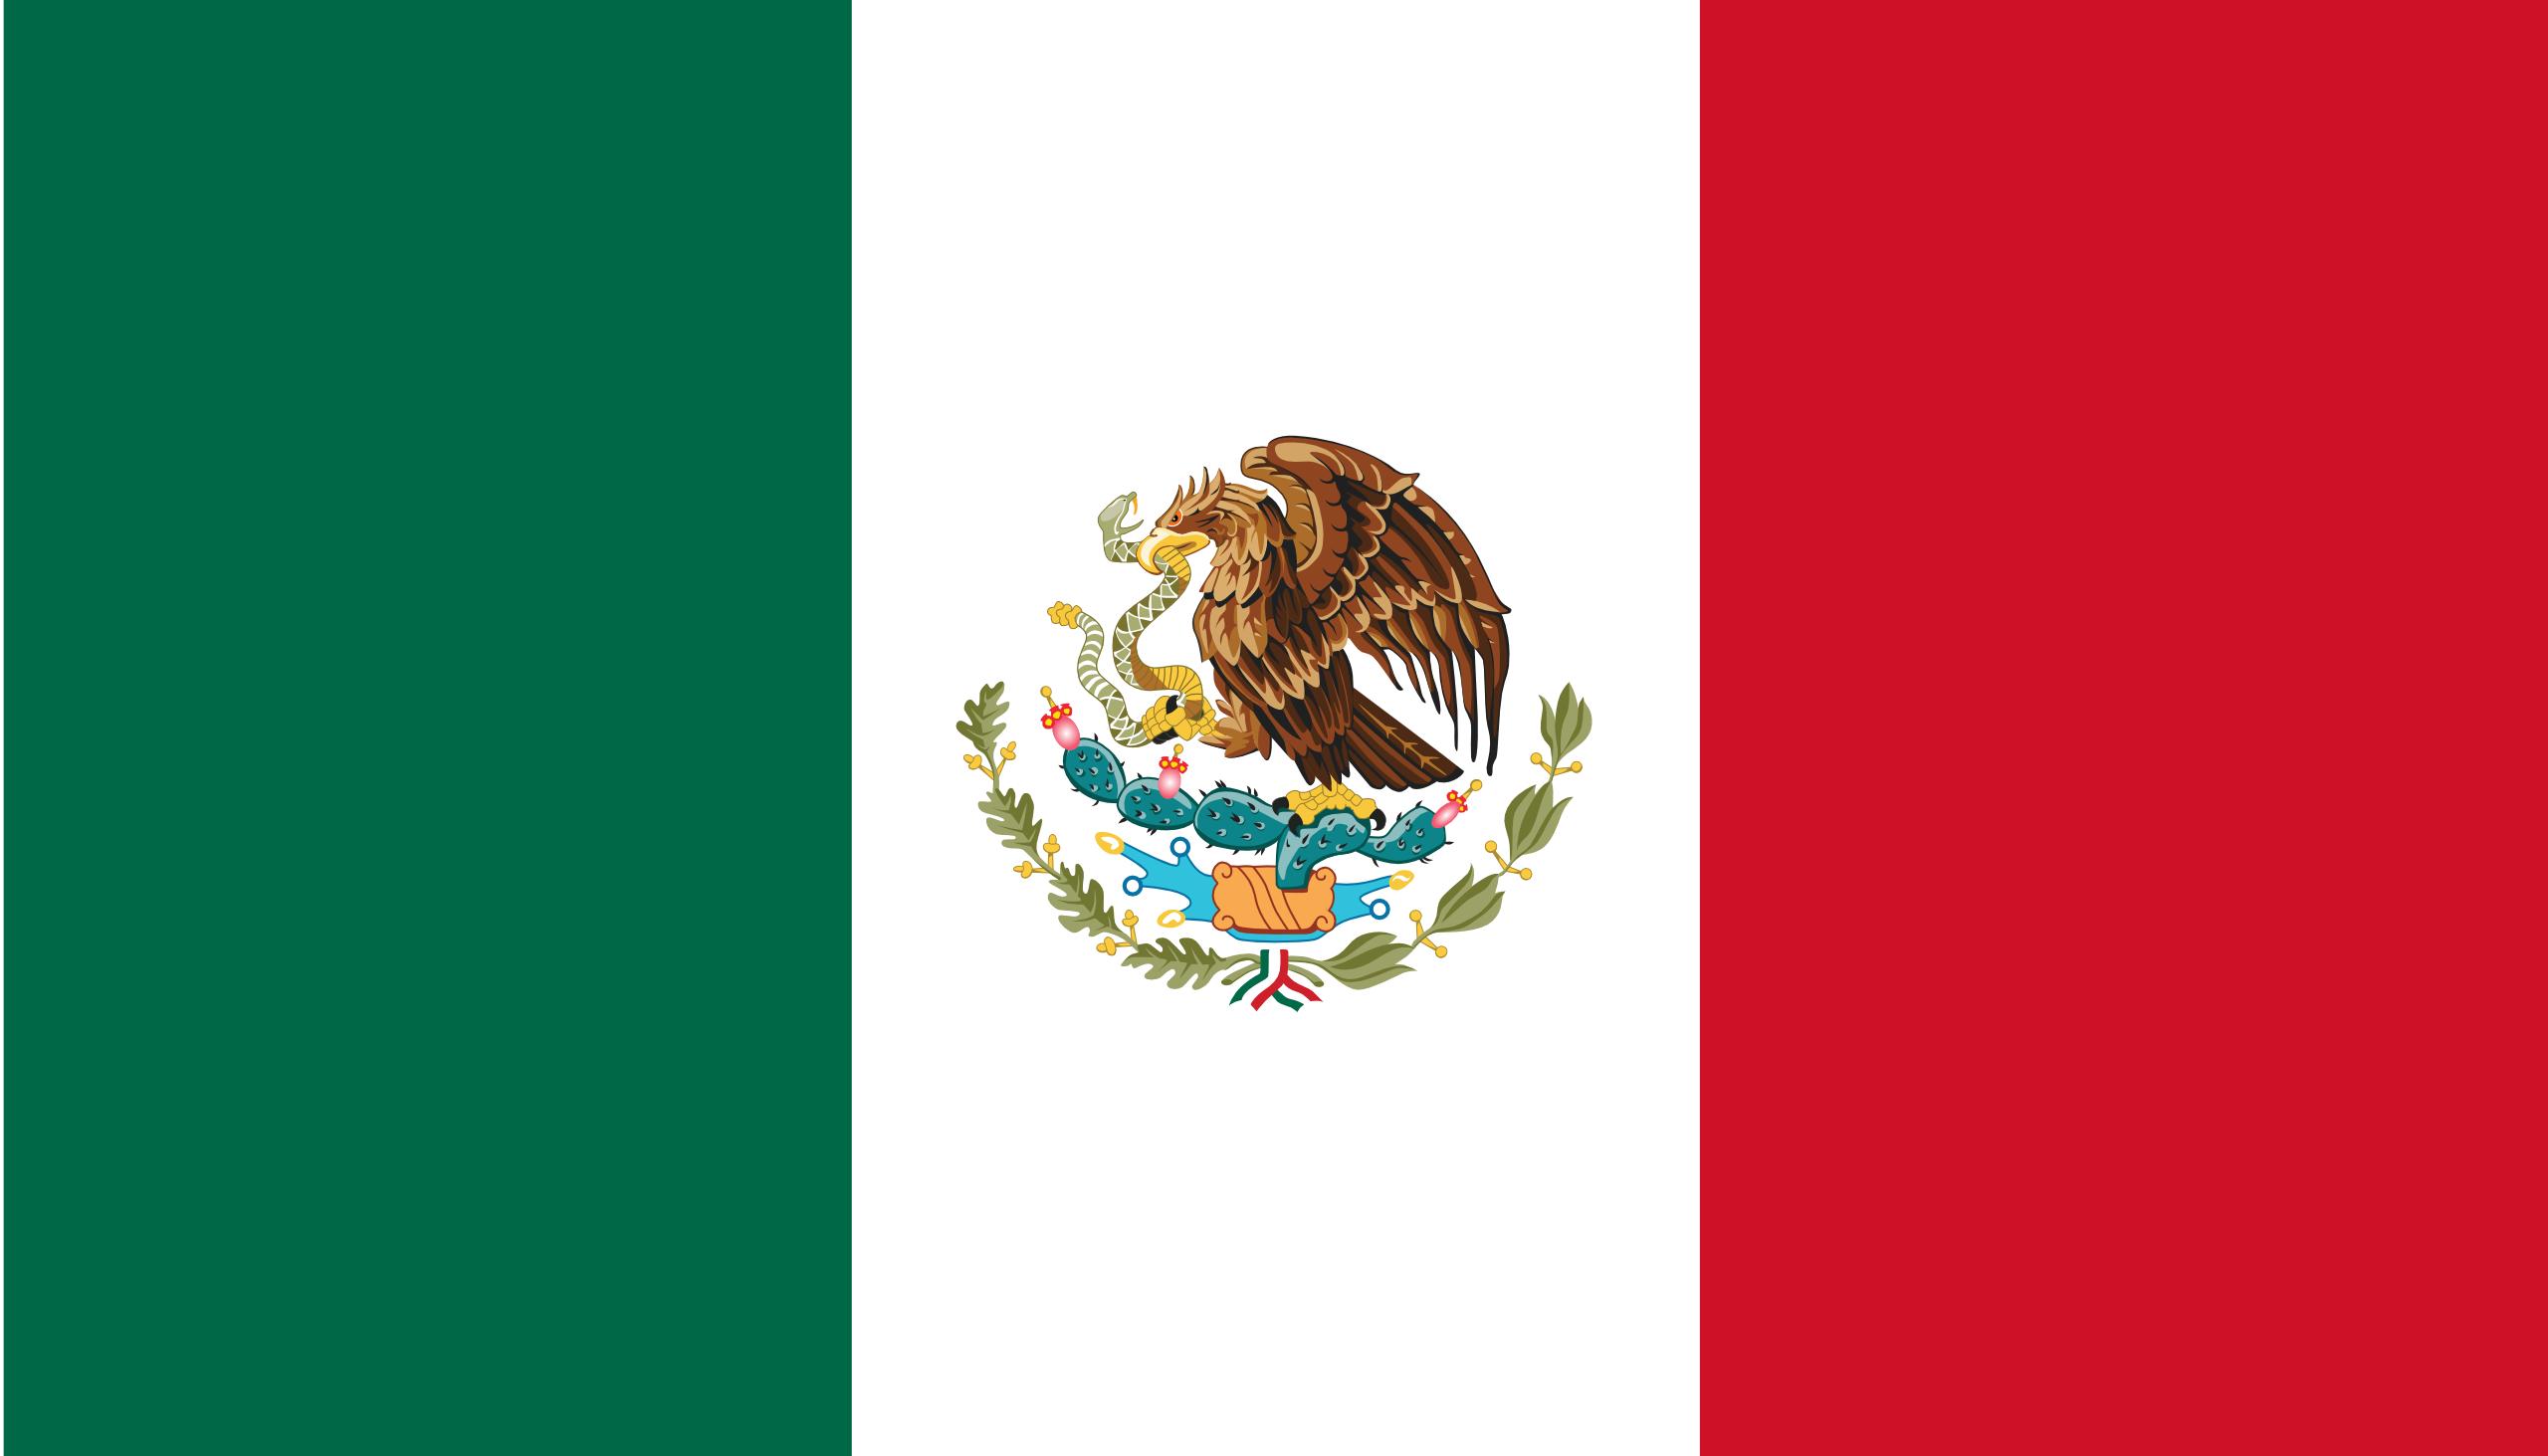 méxico, país, emblema, insignia, シンボル - HD の壁紙 - 教授-falken.com